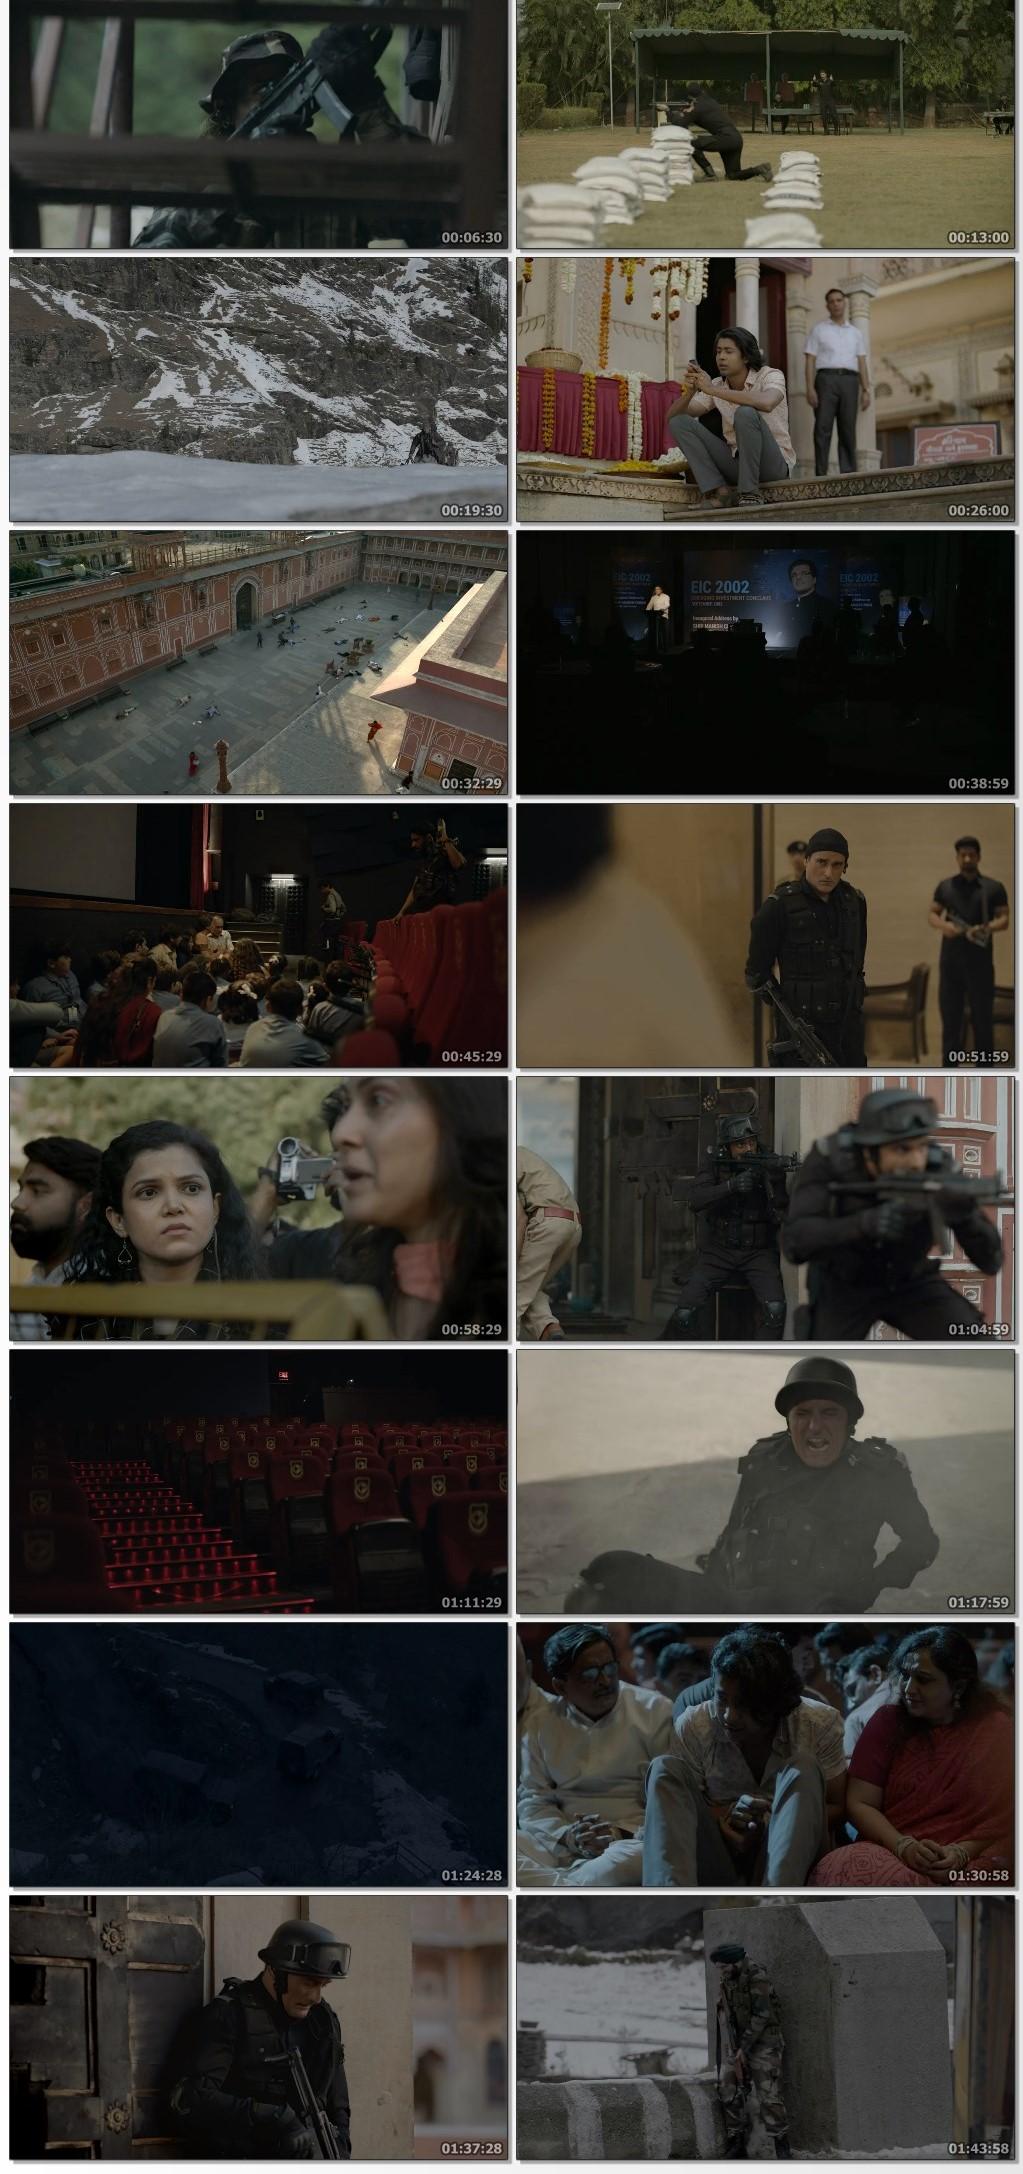 State-of-Siege-Temple-Attack-2021-Hindi-Movie-720p-HDRip-MSub-780-MB-mkv-thumbs271cd31db643f8fd